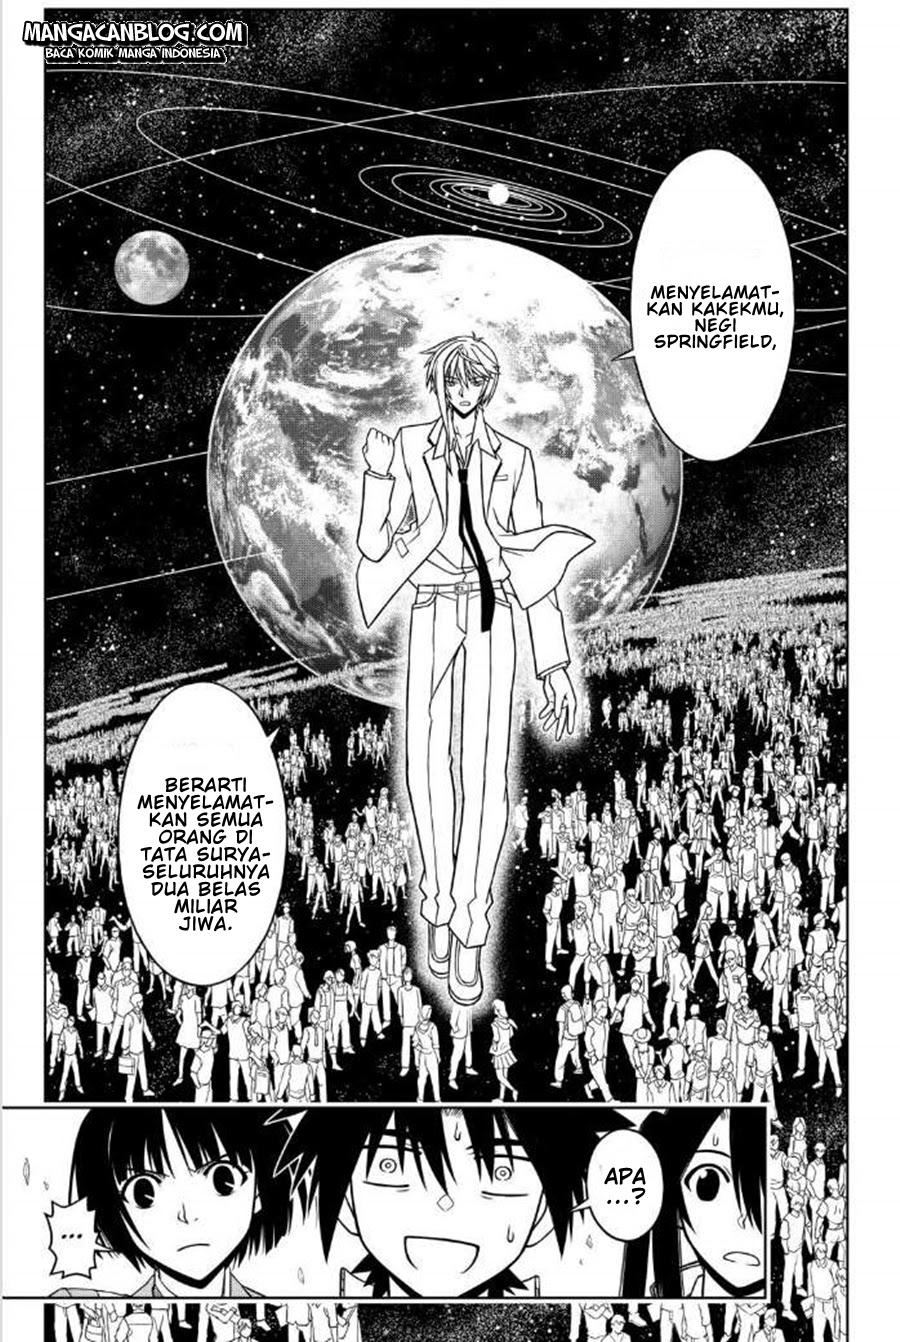 Komik uq holder 042 - pertanyaan pertanyaan untuk fate 43 Indonesia uq holder 042 - pertanyaan pertanyaan untuk fate Terbaru 7|Baca Manga Komik Indonesia